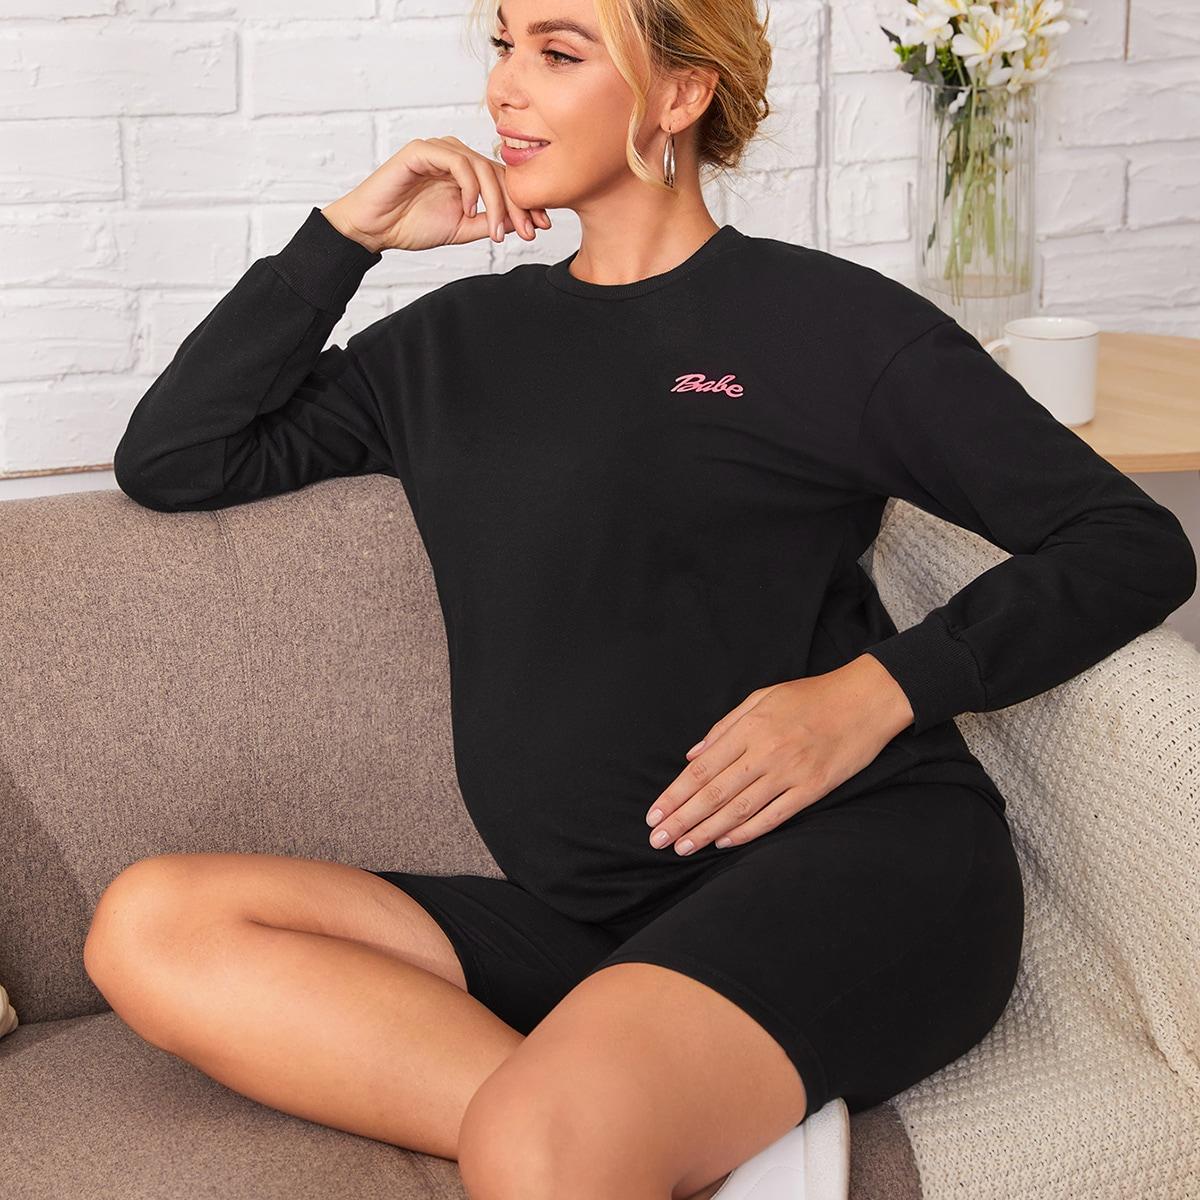 Байкерские шорты и пуловер с текстовым принтом для беременных